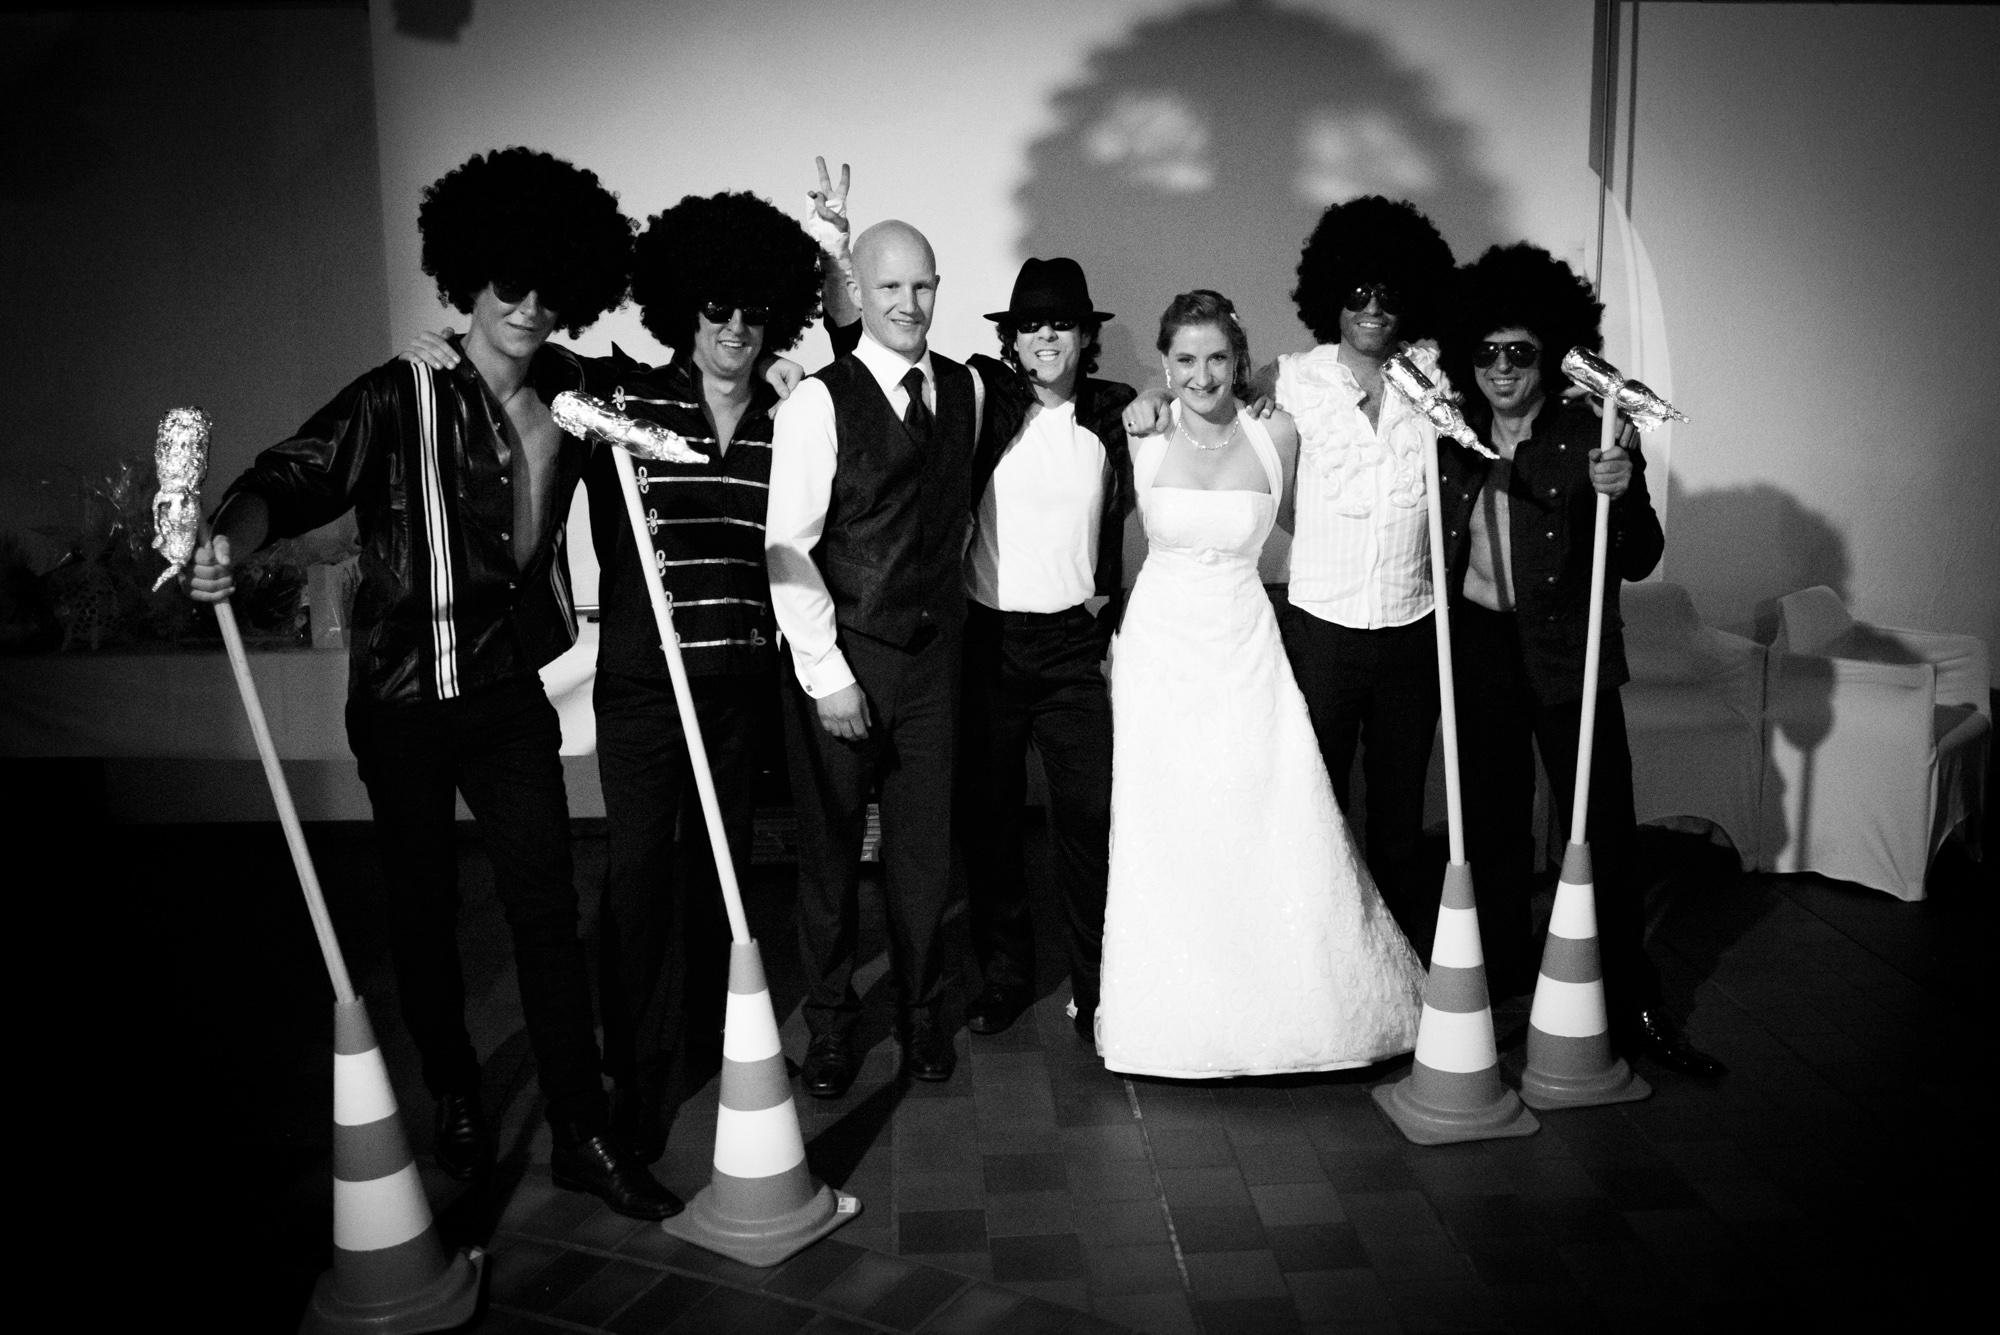 Fotograf Konstanz - Als Hochzeitsfotograf in Bad Dürrheim unterwegs  - 58 -